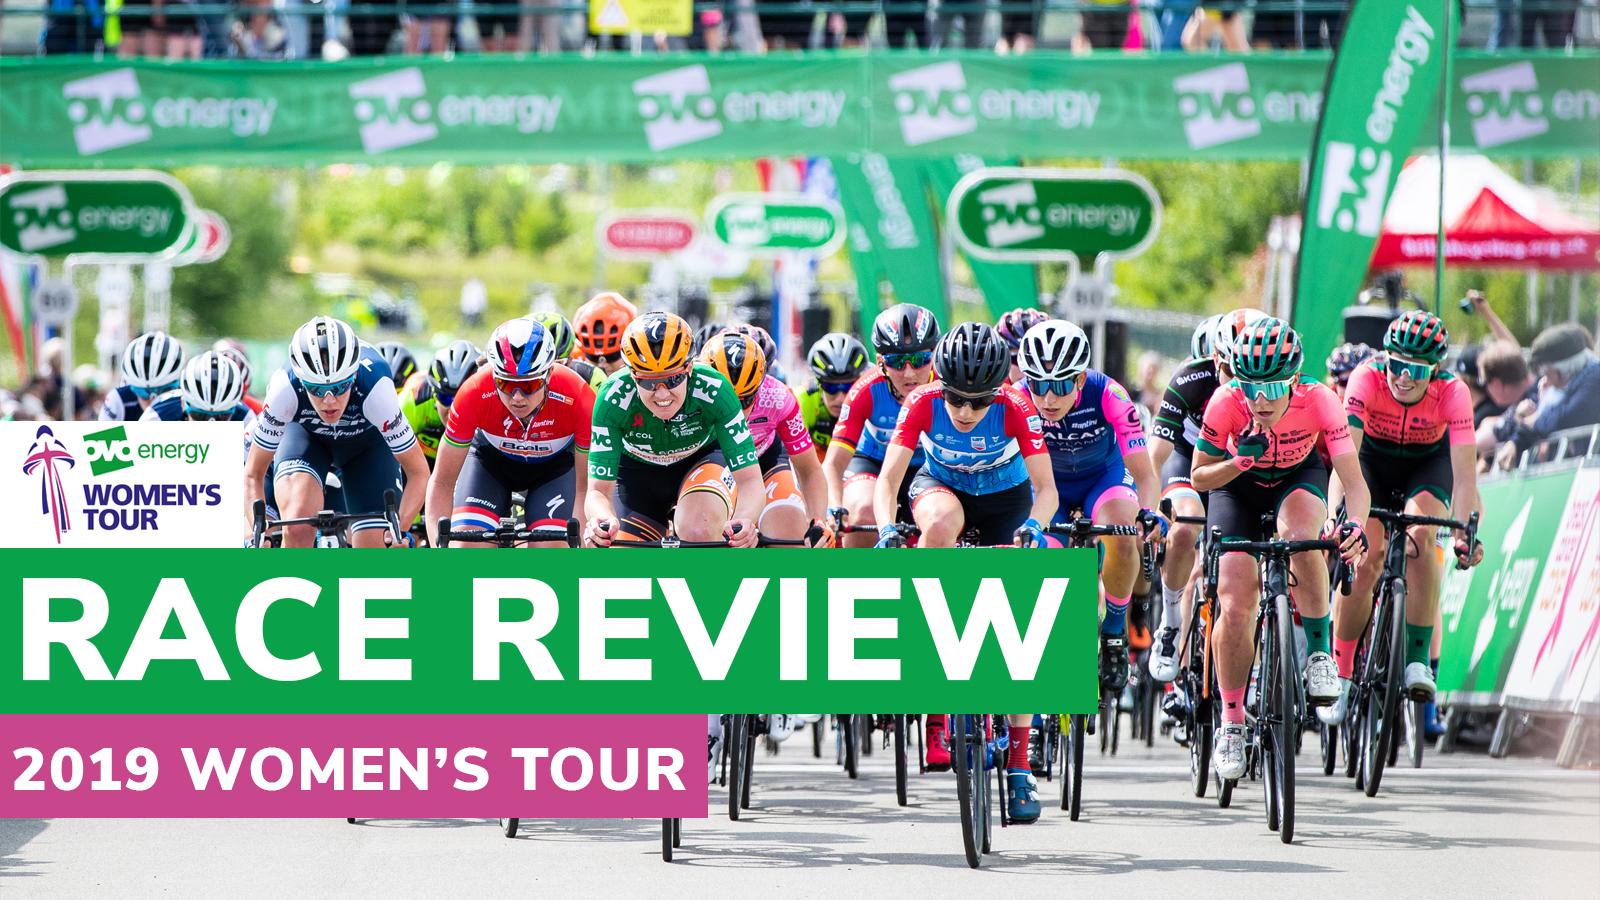 Women's Tour race review